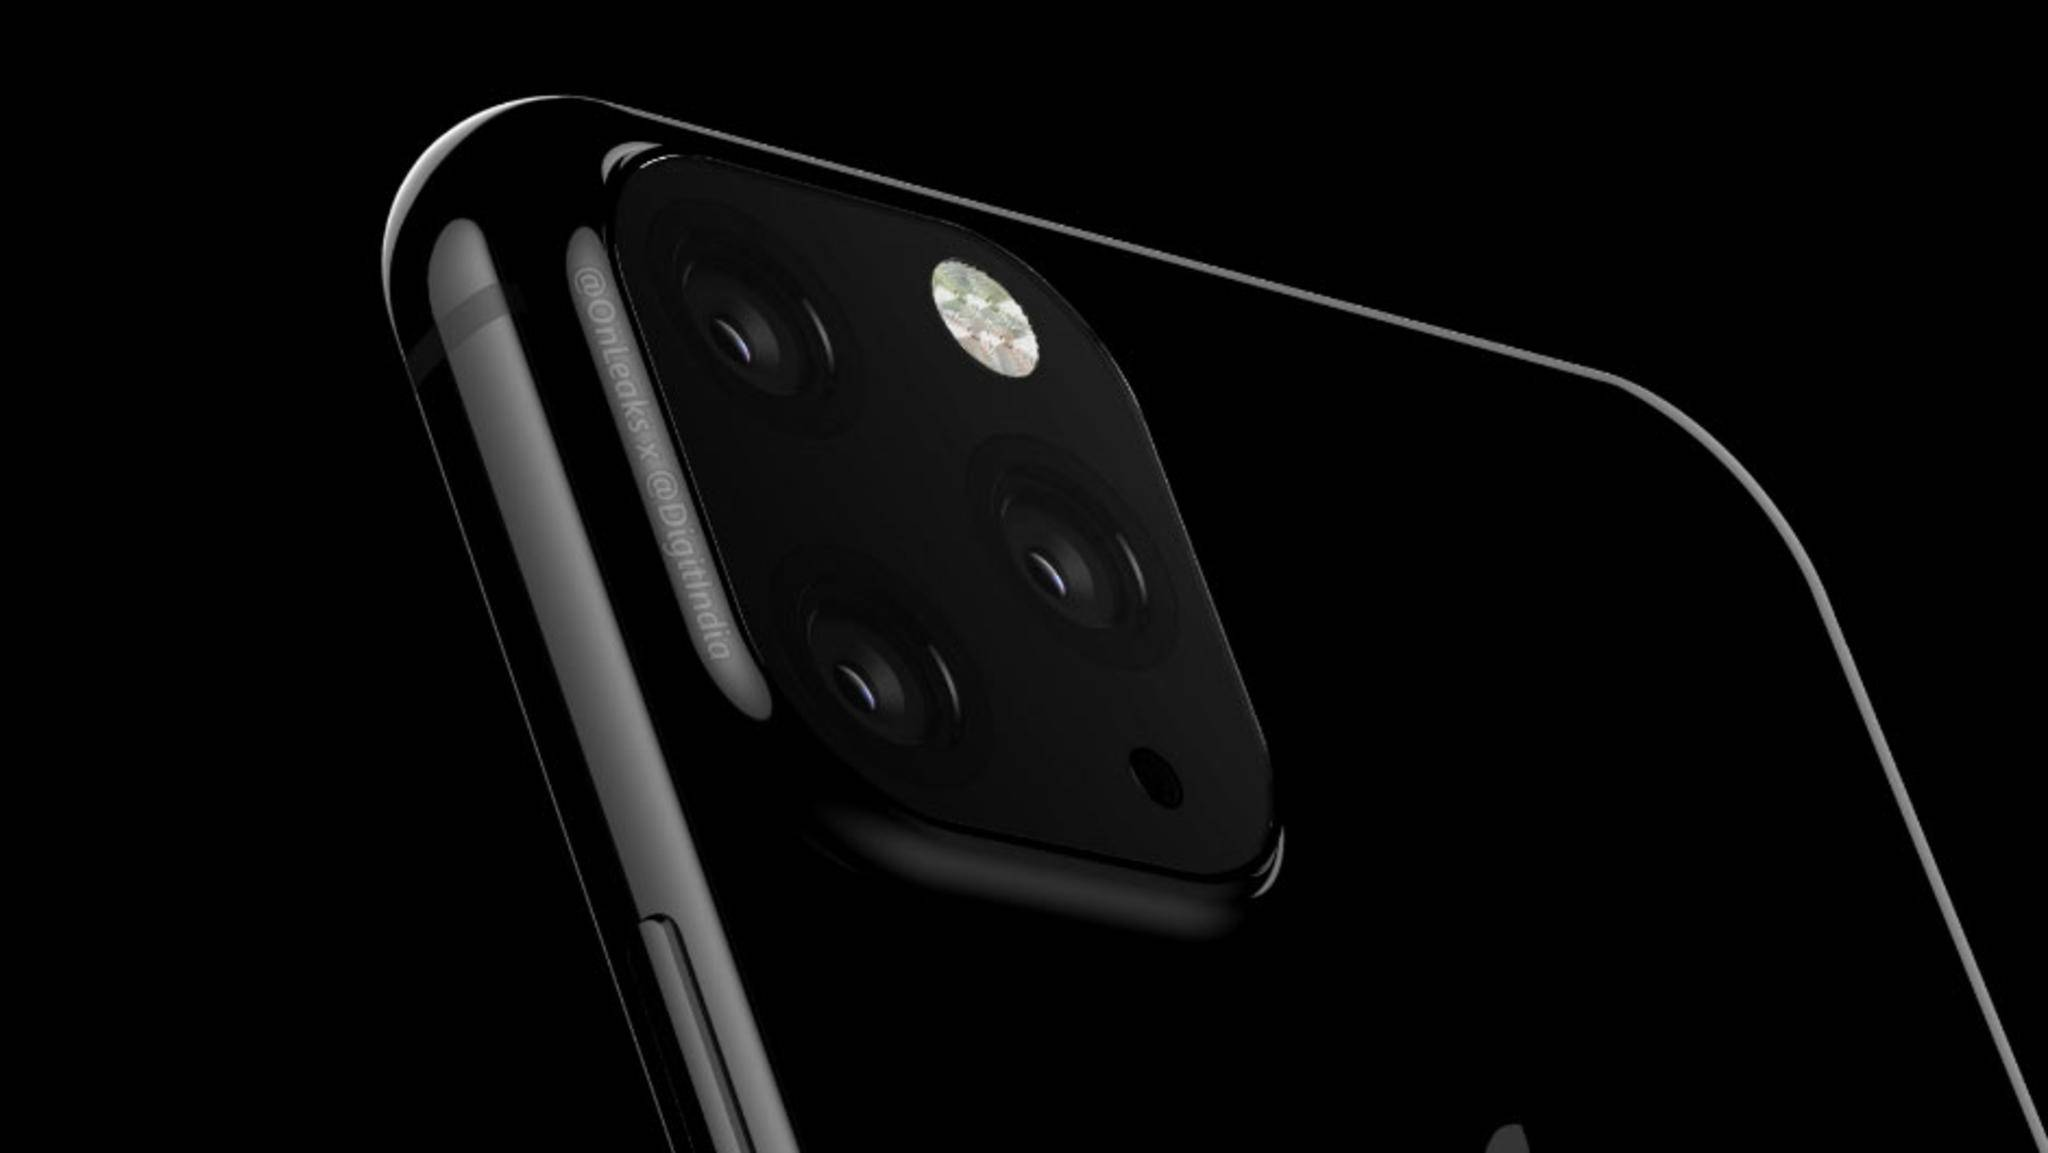 Hat ein Modell des nächsten iPhones tatsächlich eine Triple-Kamera wie in diesem Renderbild?